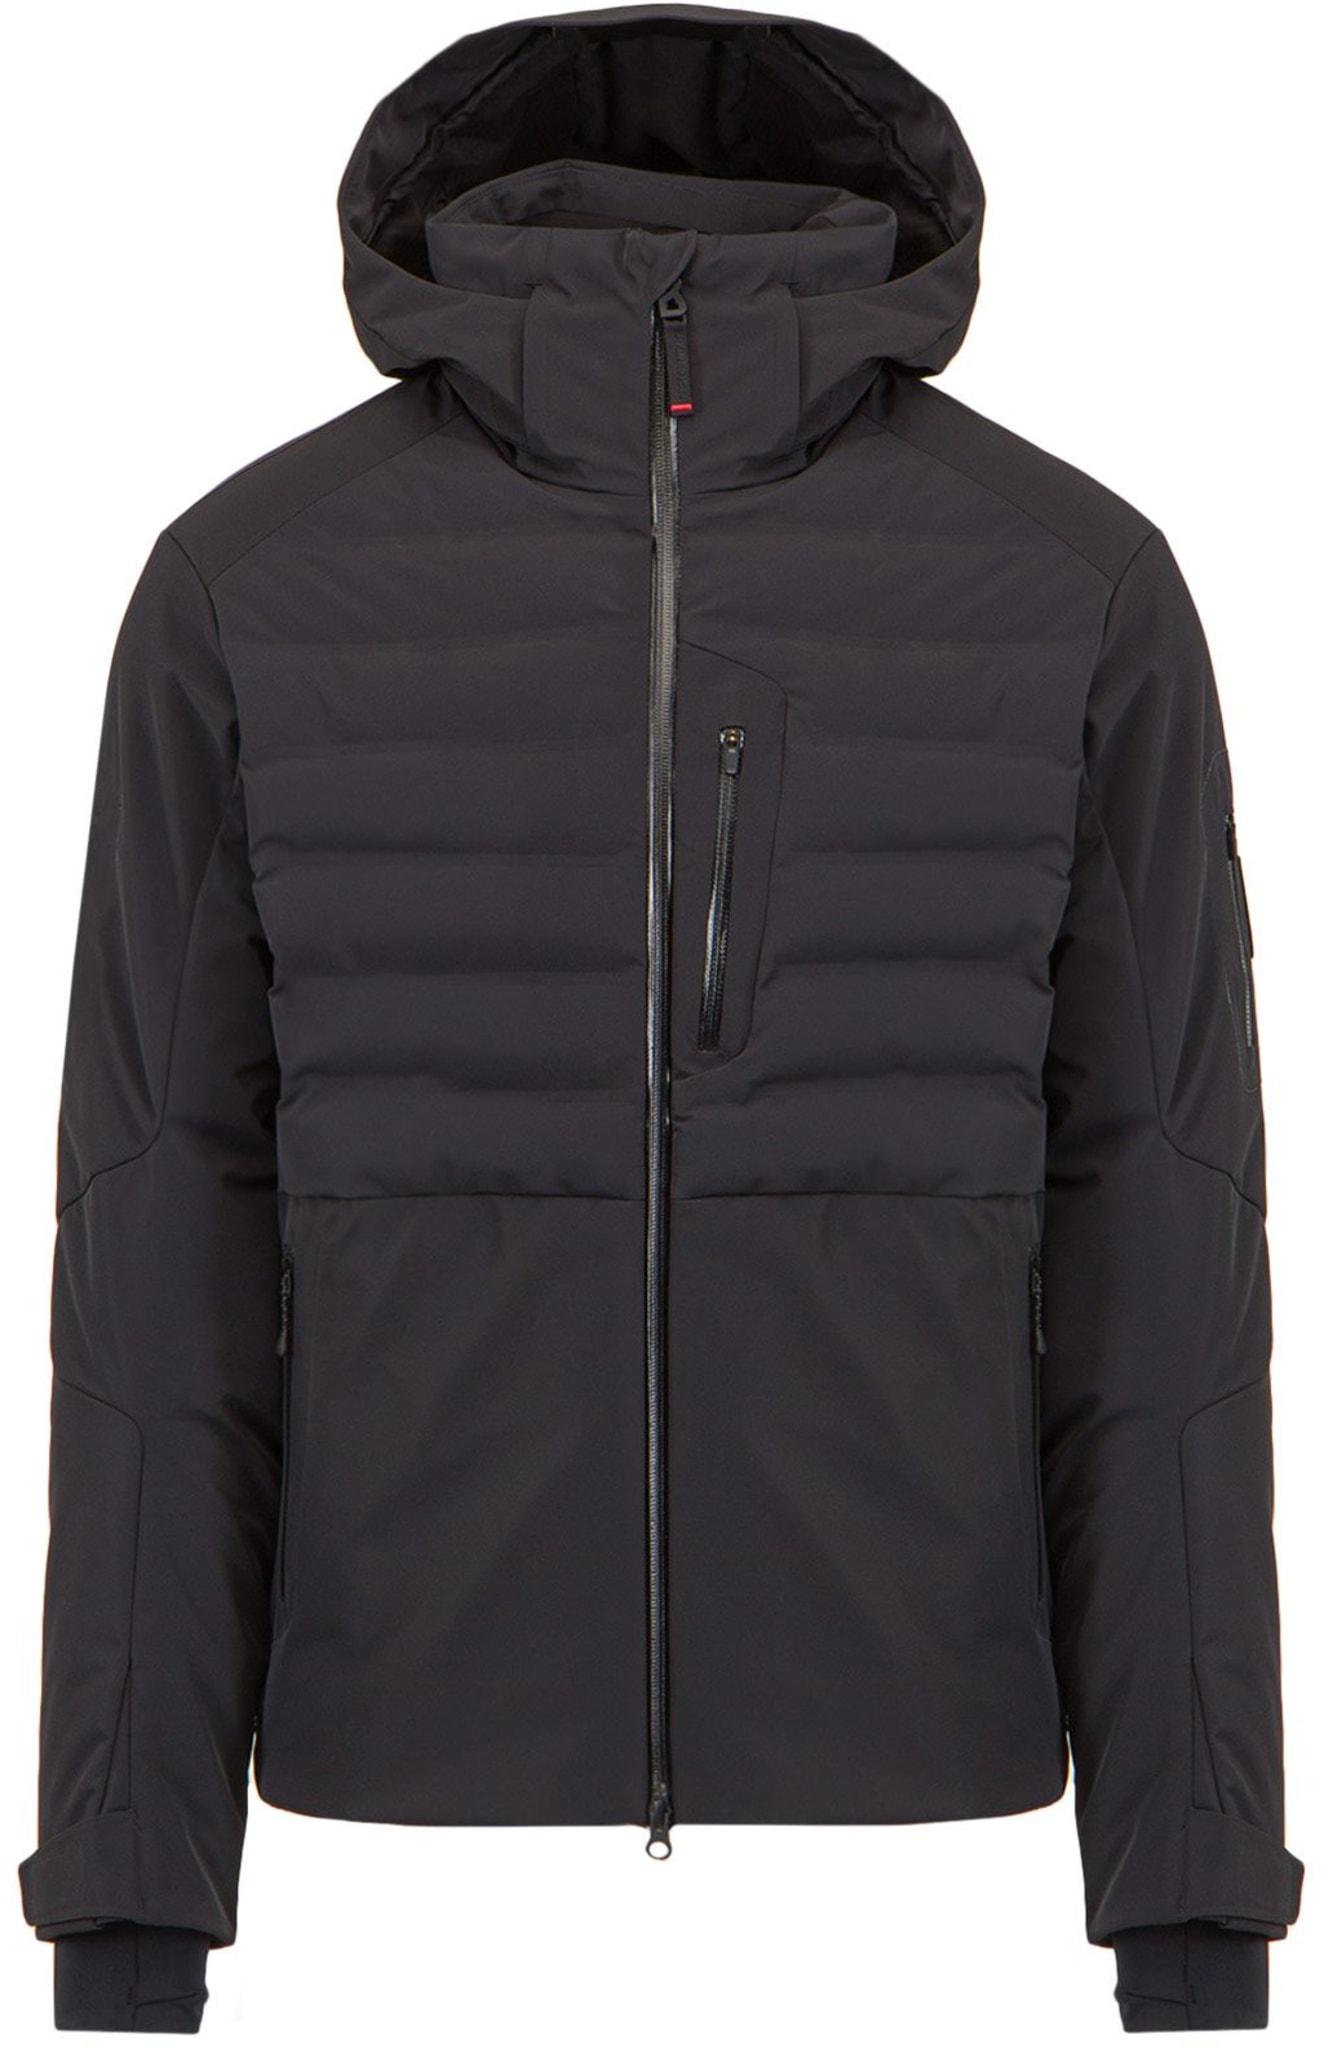 Erik Ski Jacket